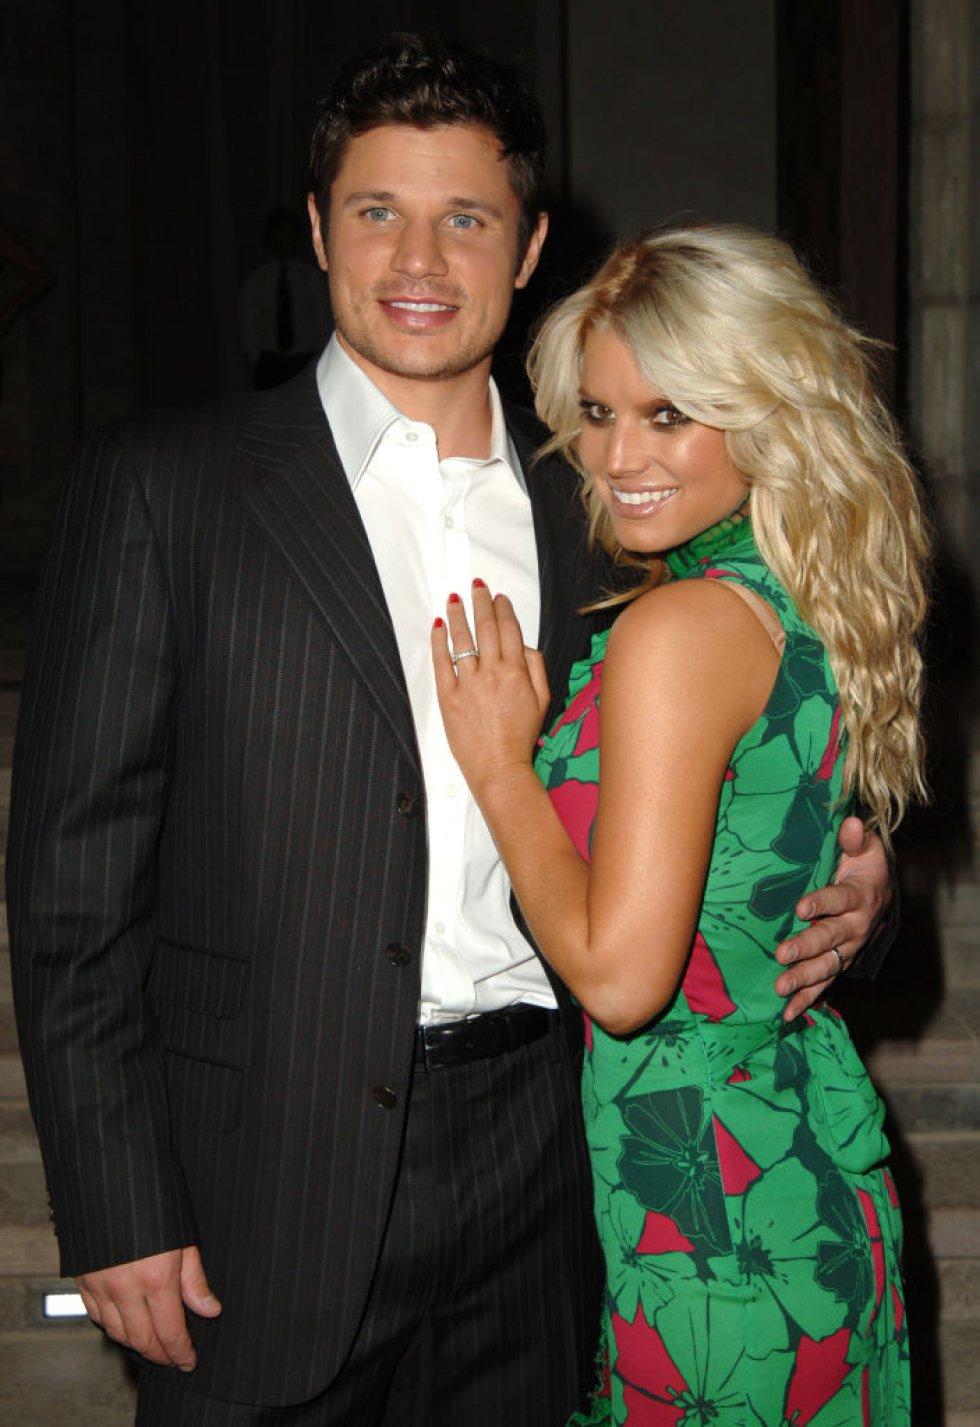 El cantante Nick Lachey sostenía un matrimonio saludable con Jessica Simpson, hasta que ella le fue infiel con Adam levine, vocalista de Maroon 5.